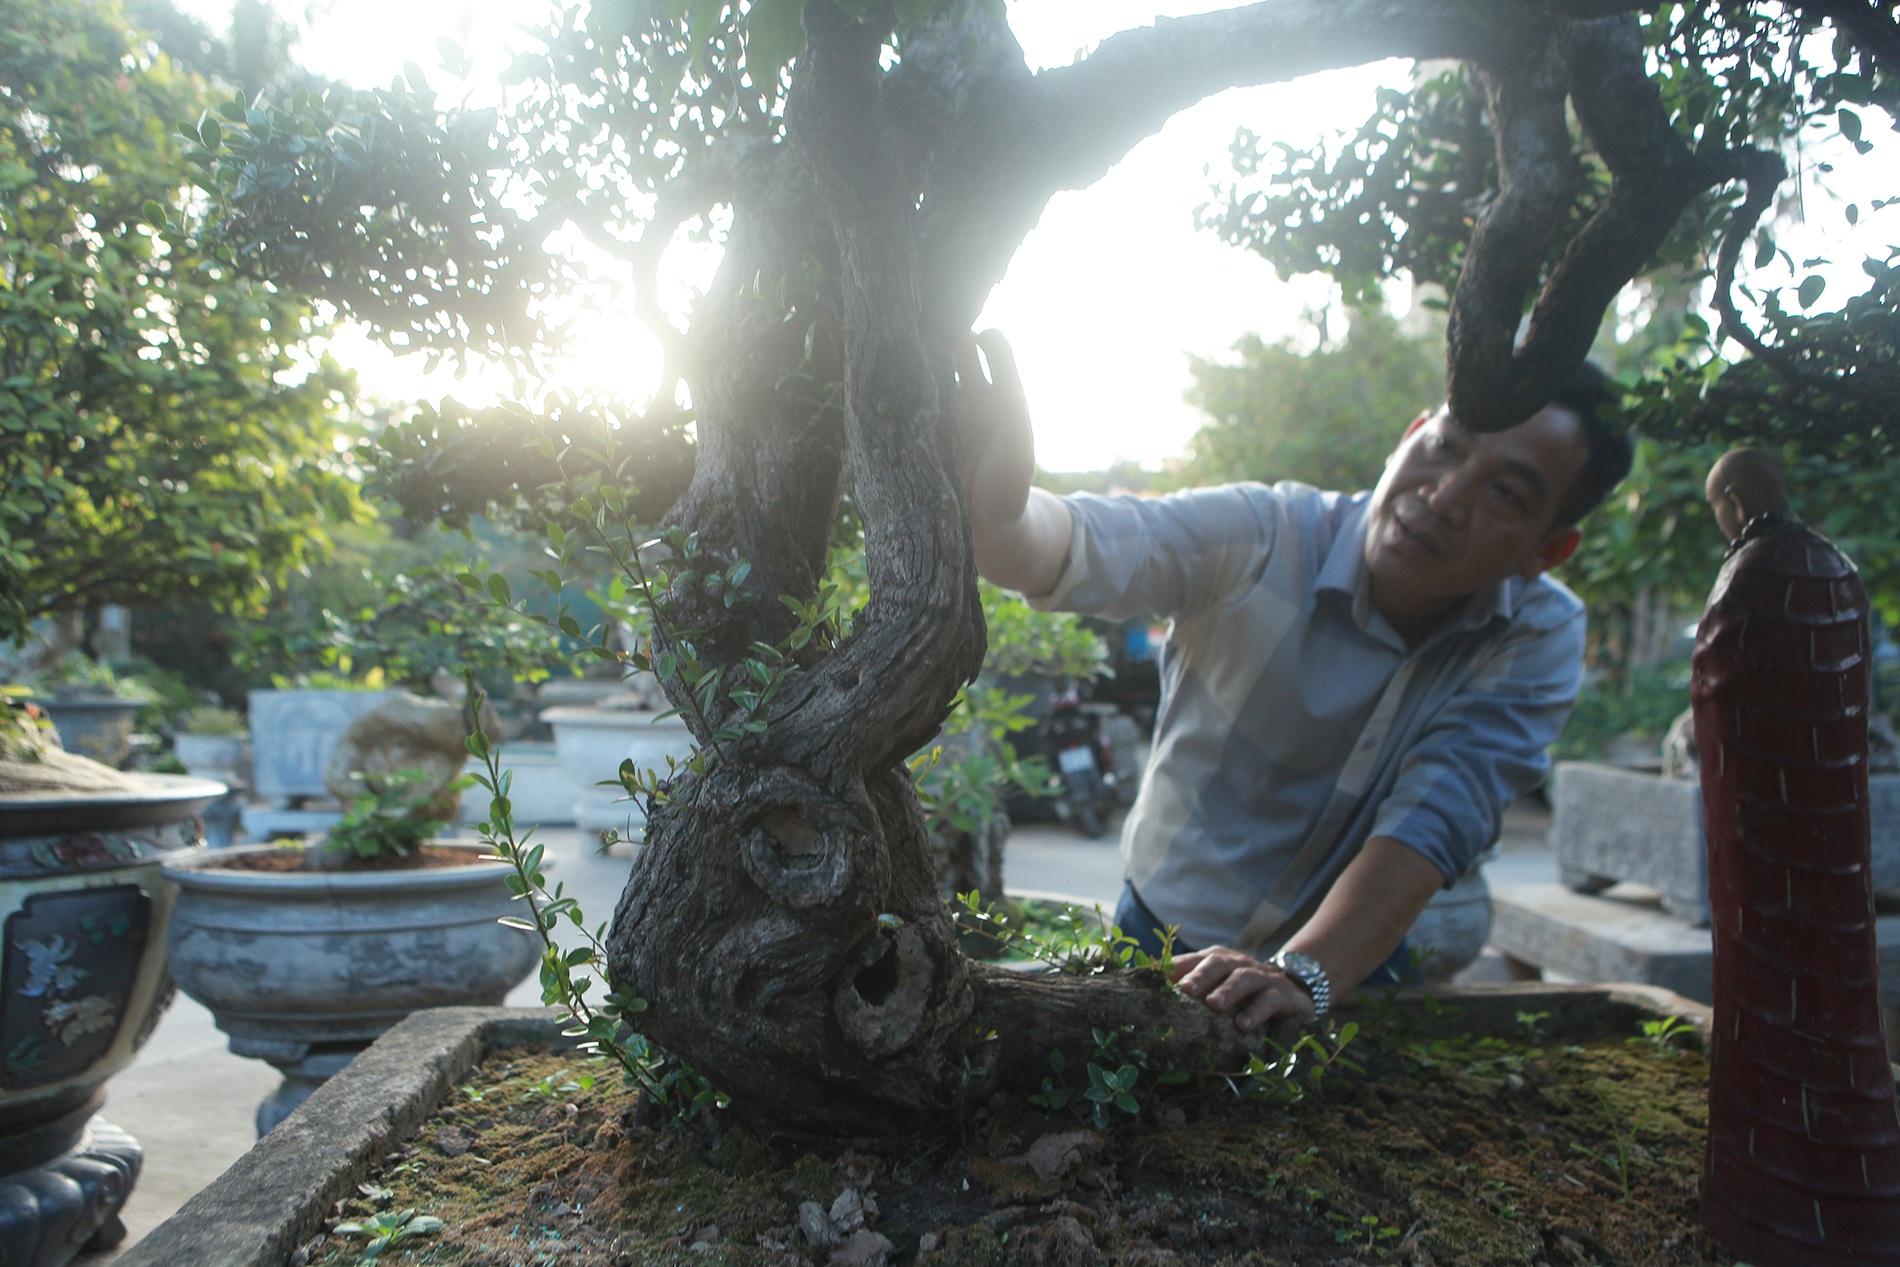 Chiêm ngưỡng hòn ngọc Viễn Đông giá tiền tỷ độc nhất vô nhị ở Việt Nam - 2